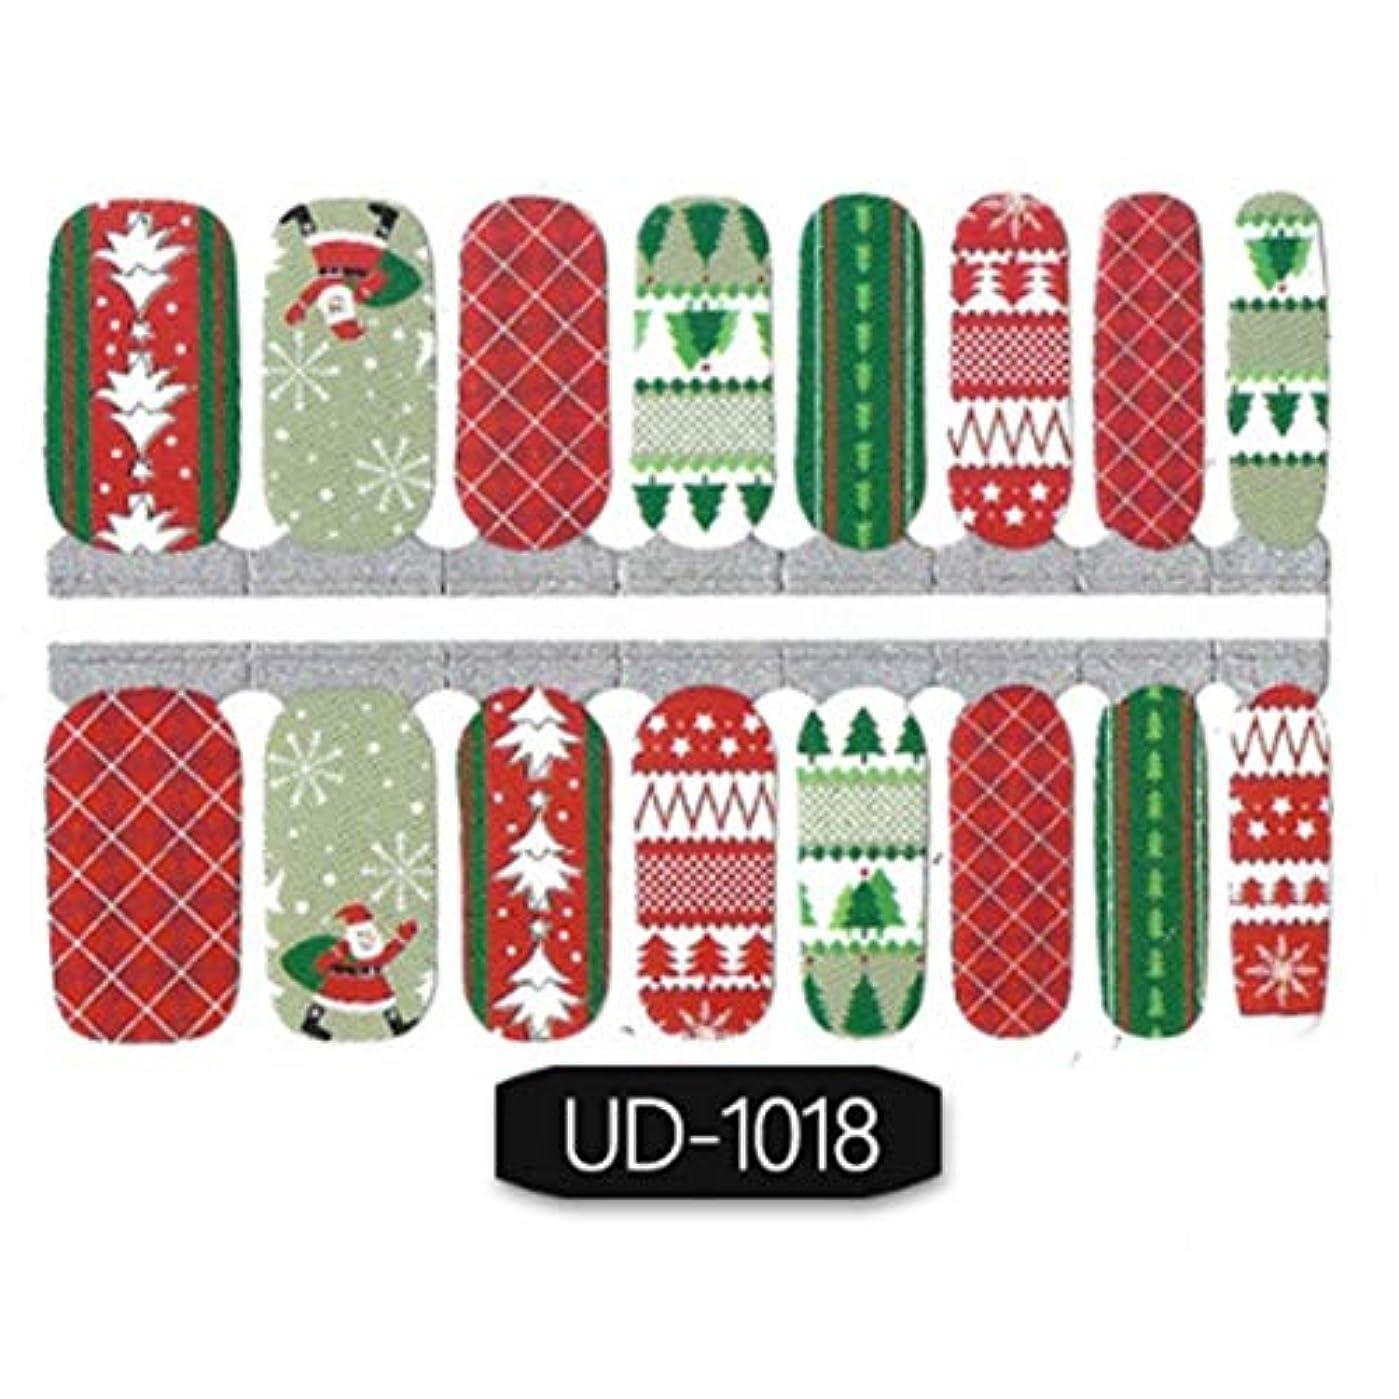 細菌共産主義者忠実にACHICOO ネイルシール ステッカー セット 16パターン クリスマス 粘着紙 デコレーション 超可愛い オシャレ UD-1018 通常の仕様